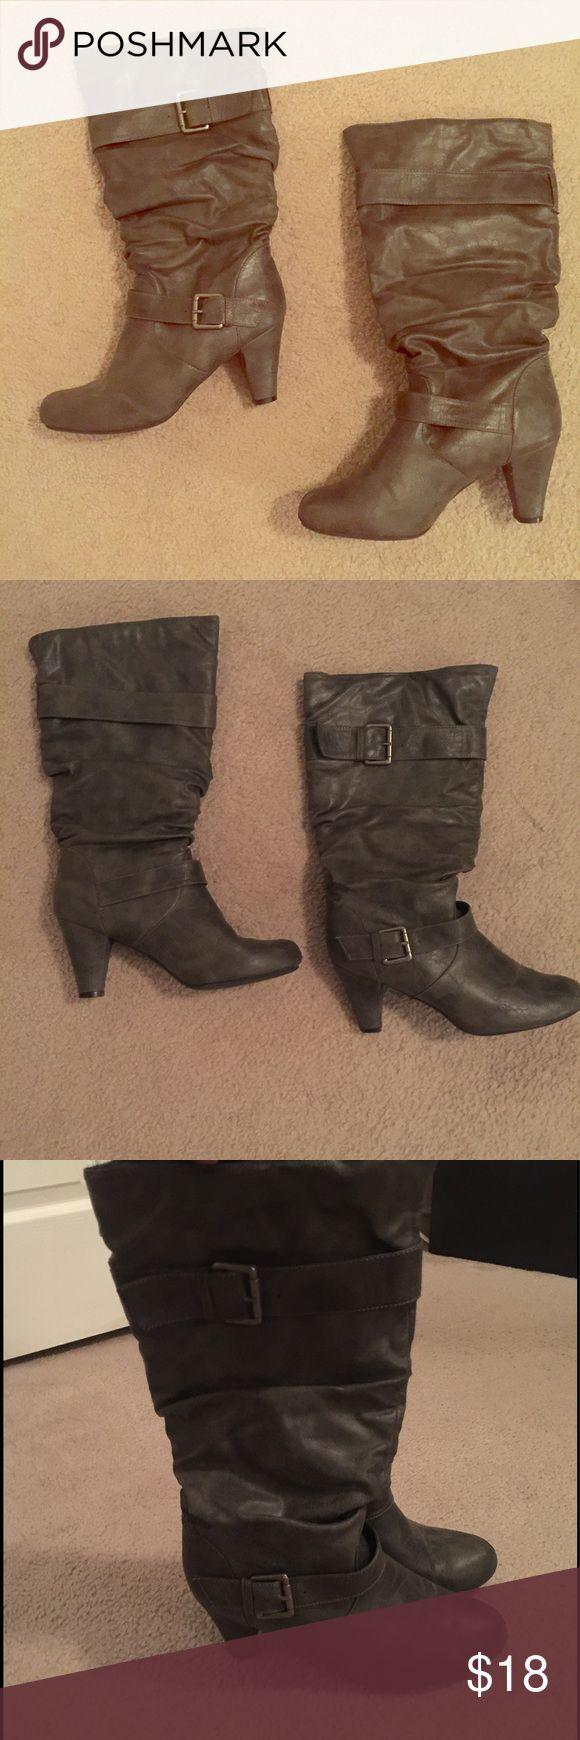 Dark gray boot